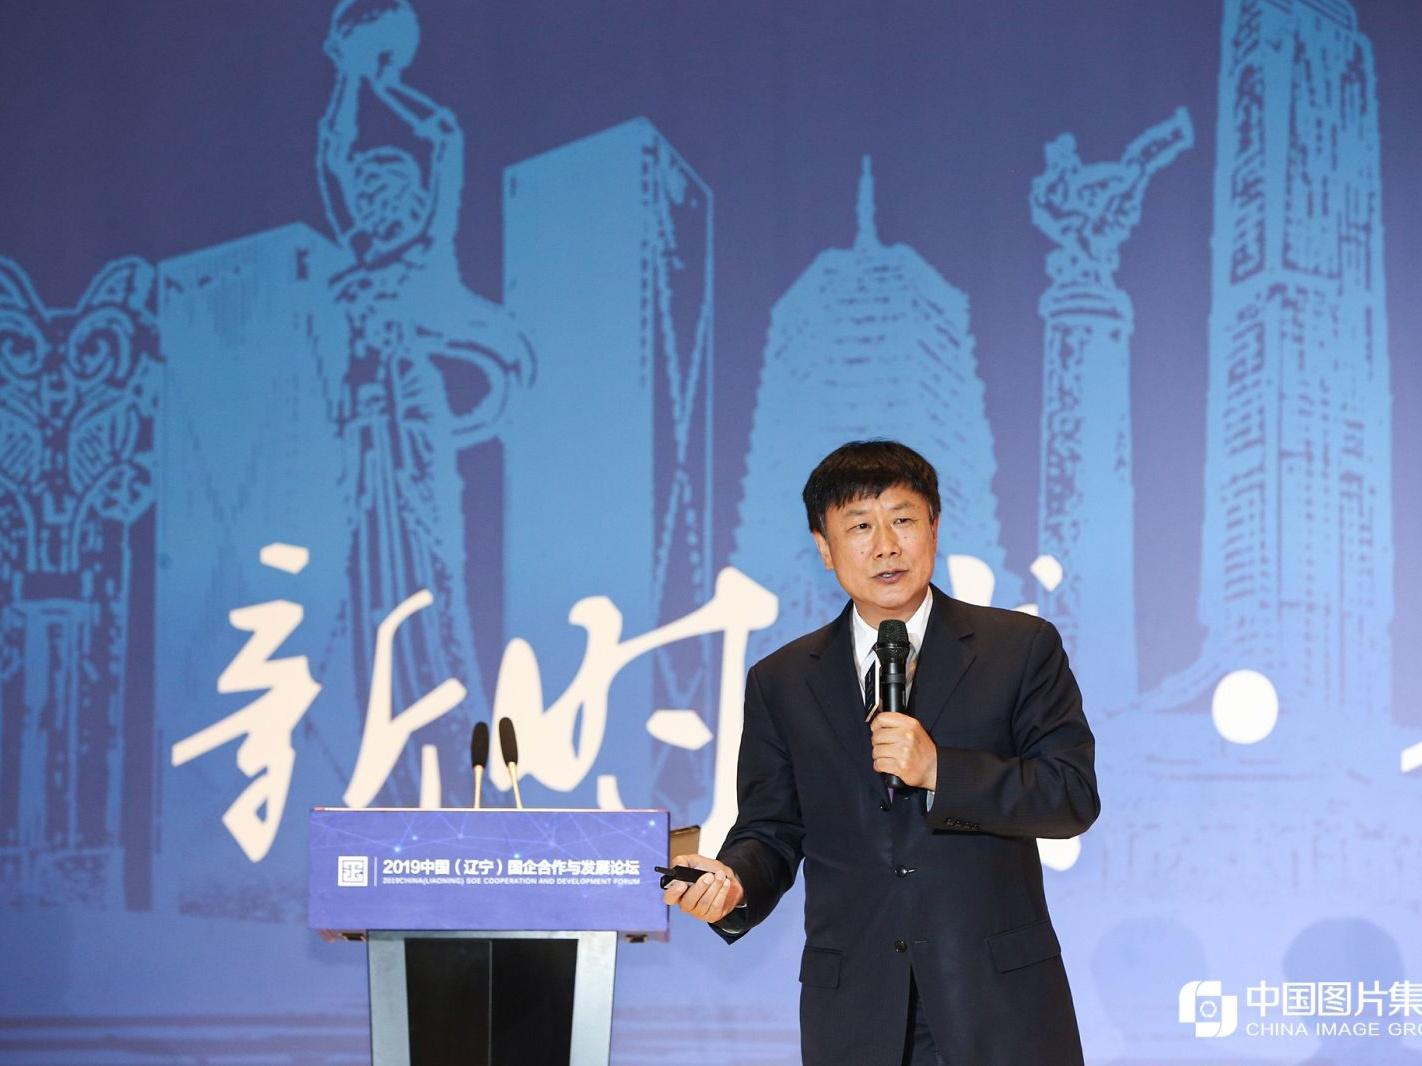 张燕生:辽宁国企要沿着全球产业链、价值链、供应链跃升